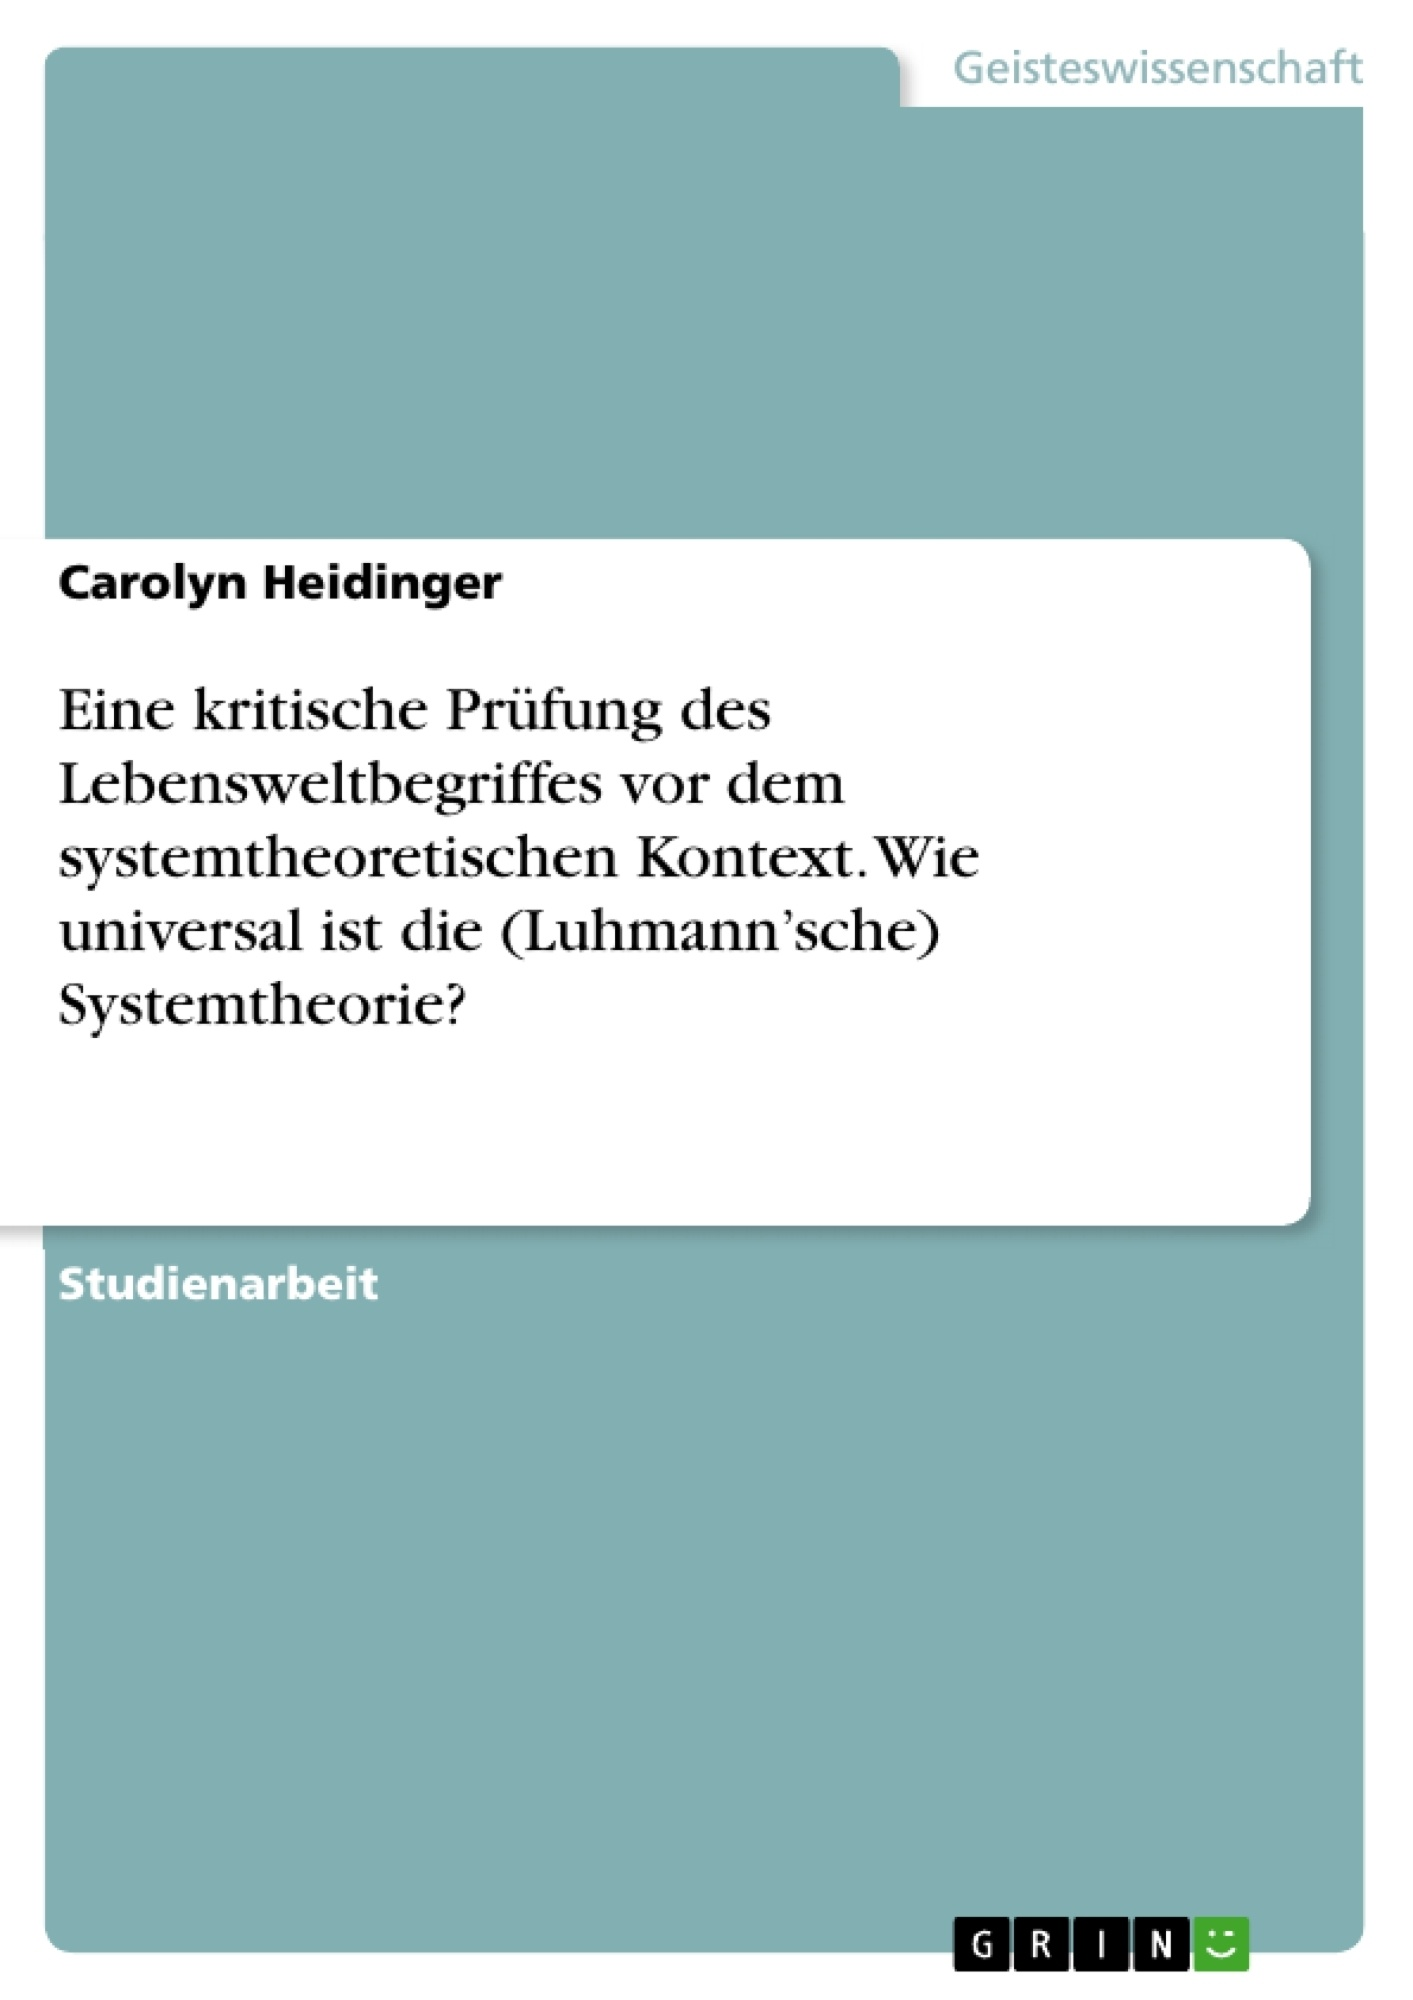 Titel: Eine kritische Prüfung des Lebensweltbegriffes vor dem systemtheoretischen Kontext. Wie universal ist die (Luhmann'sche) Systemtheorie?